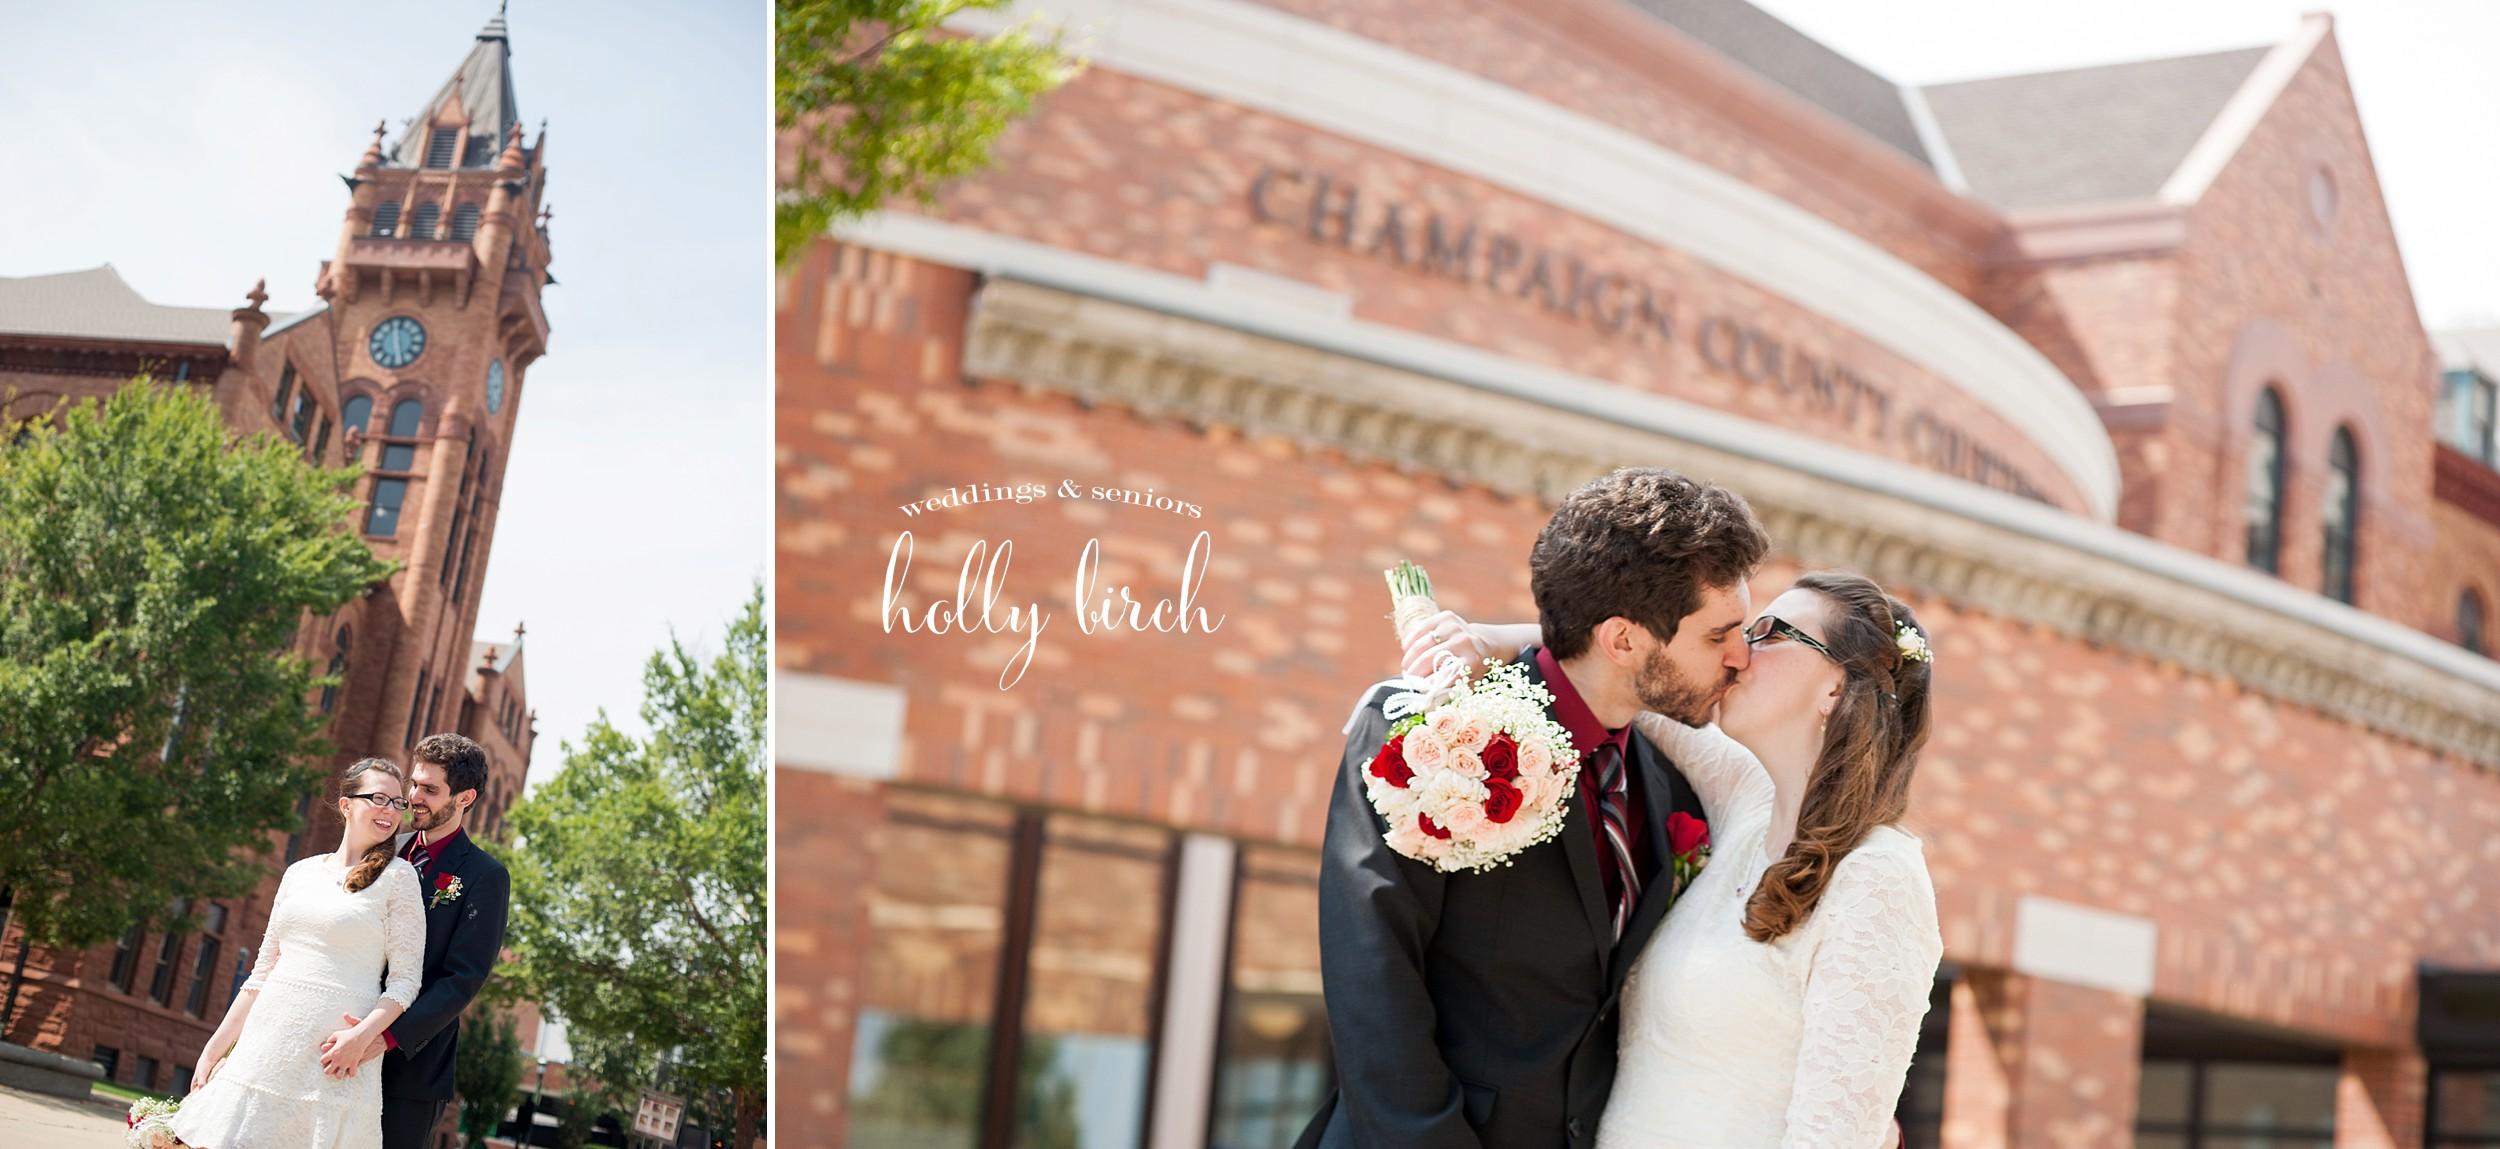 beautiful brick courthouse wedding